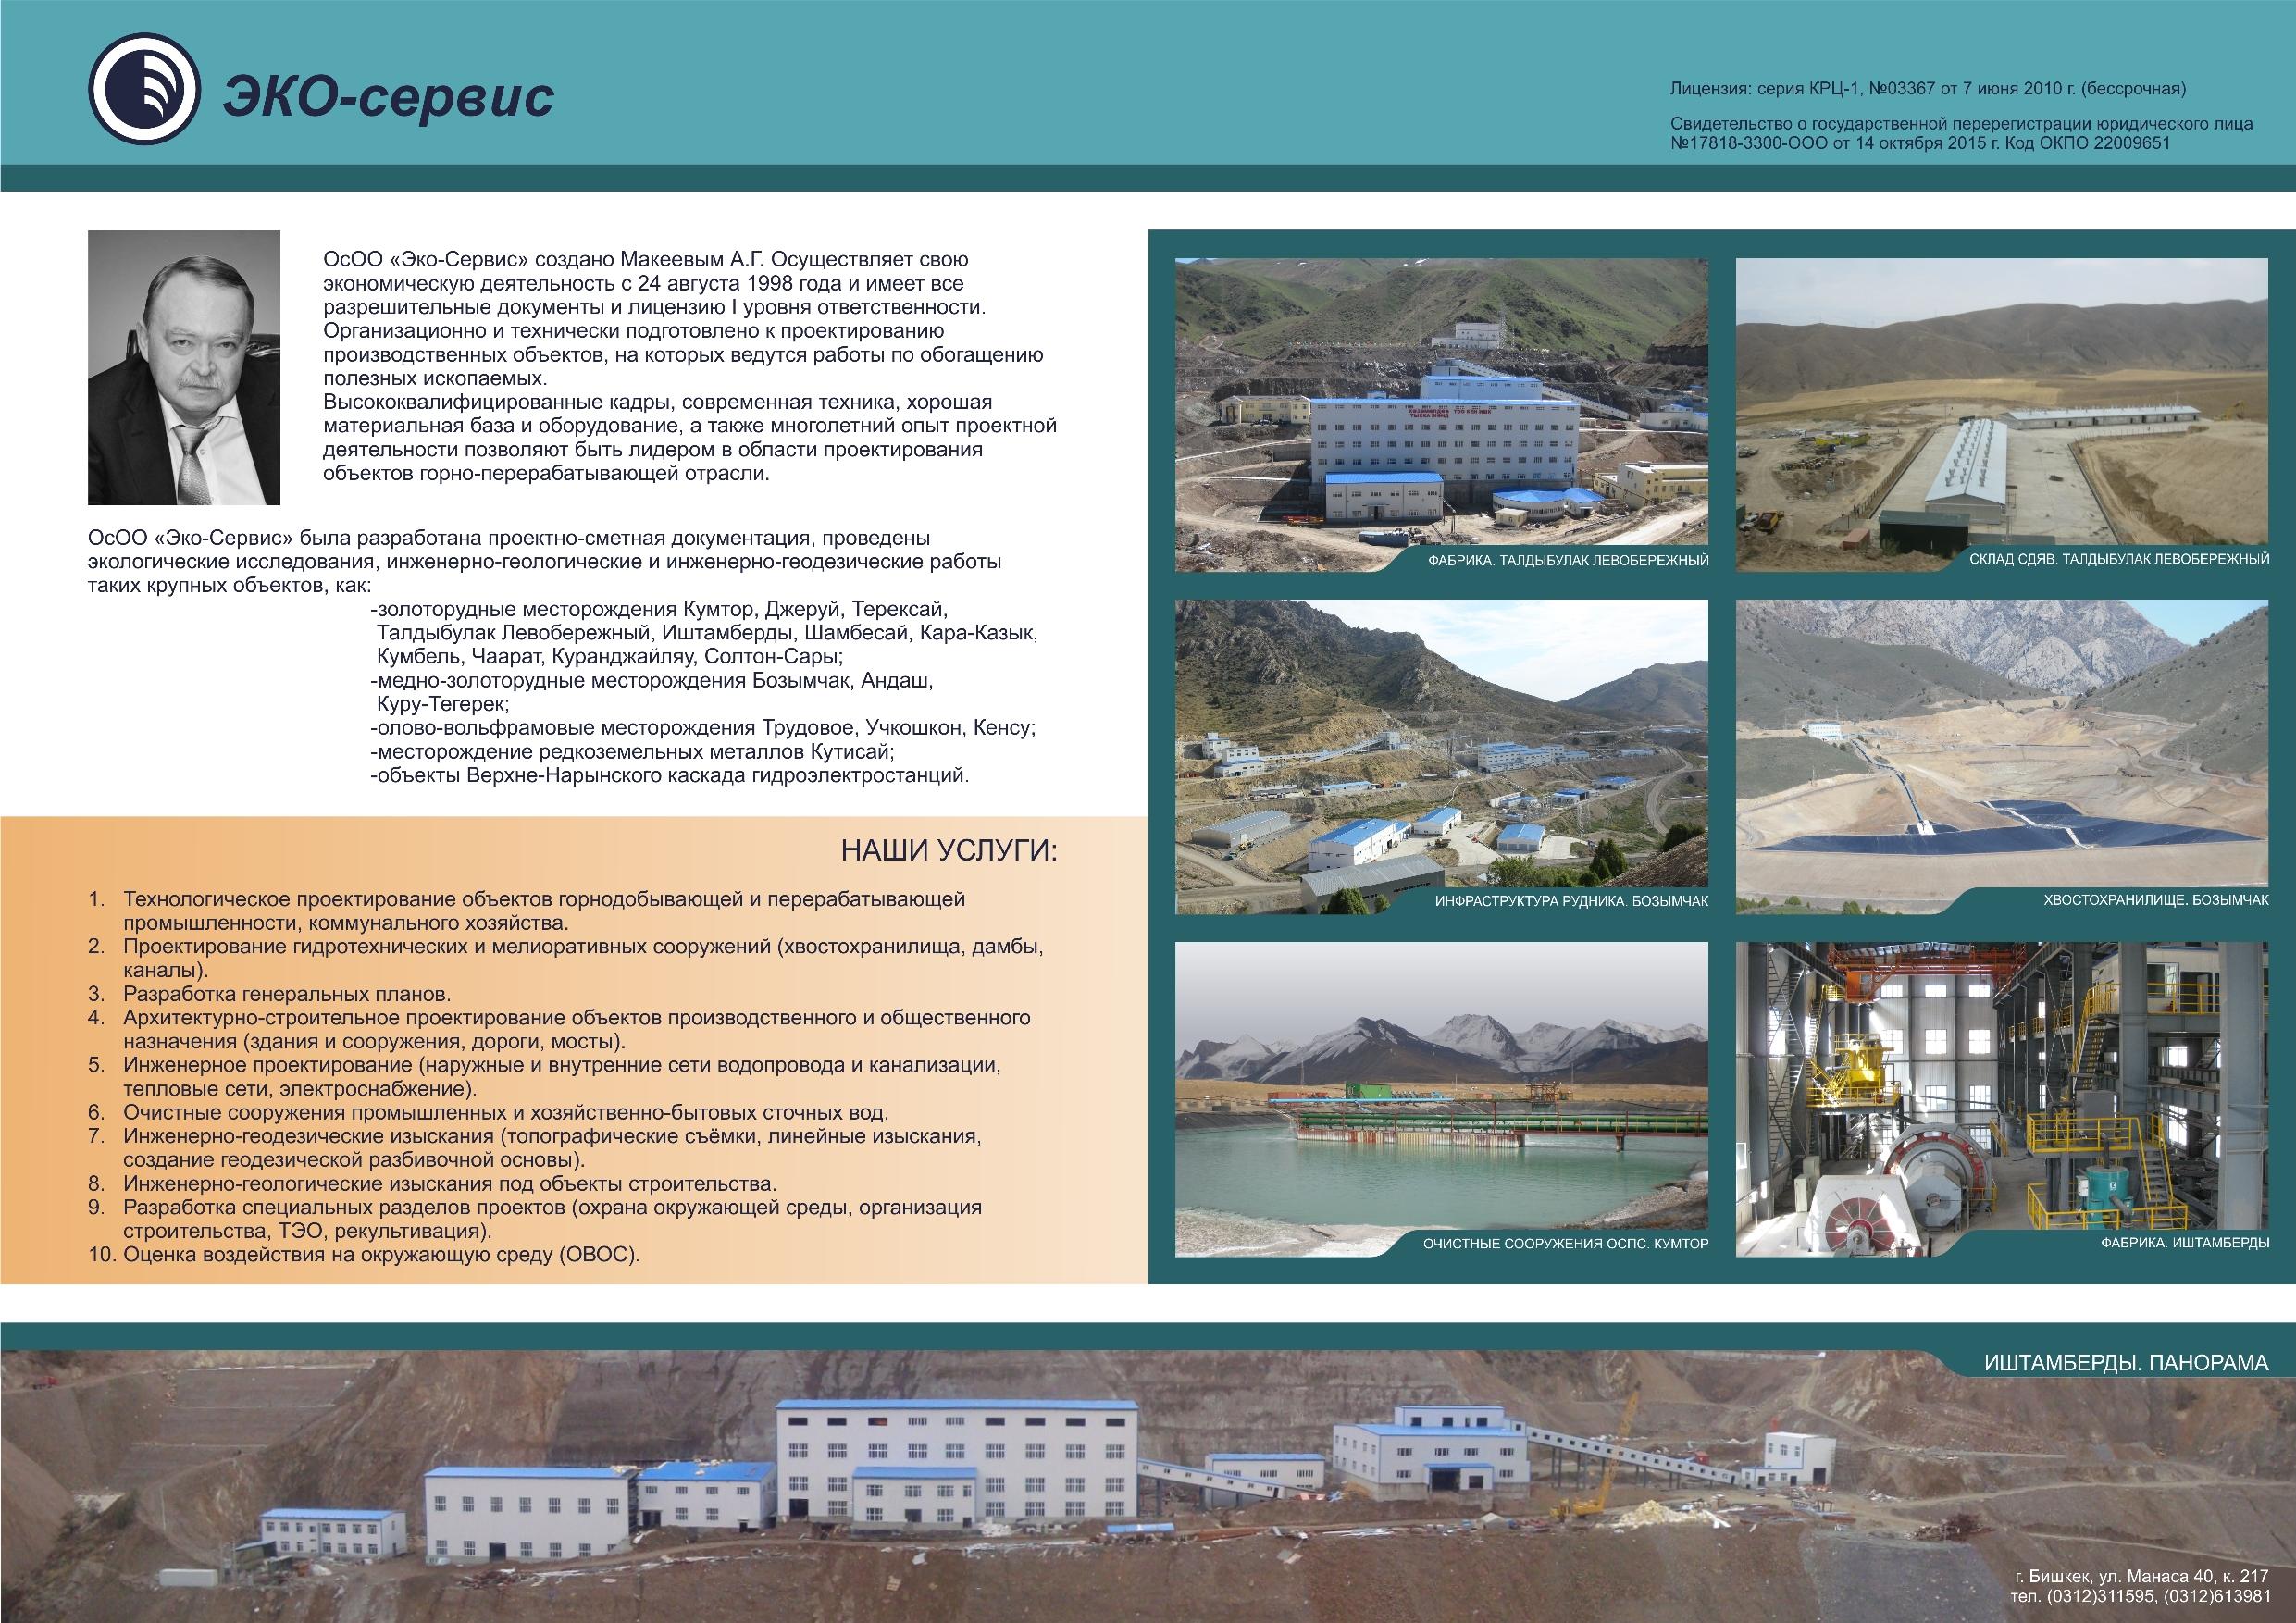 Архитектурно-строительное и инженерное проектирование объектов промышленного и общественного назначения